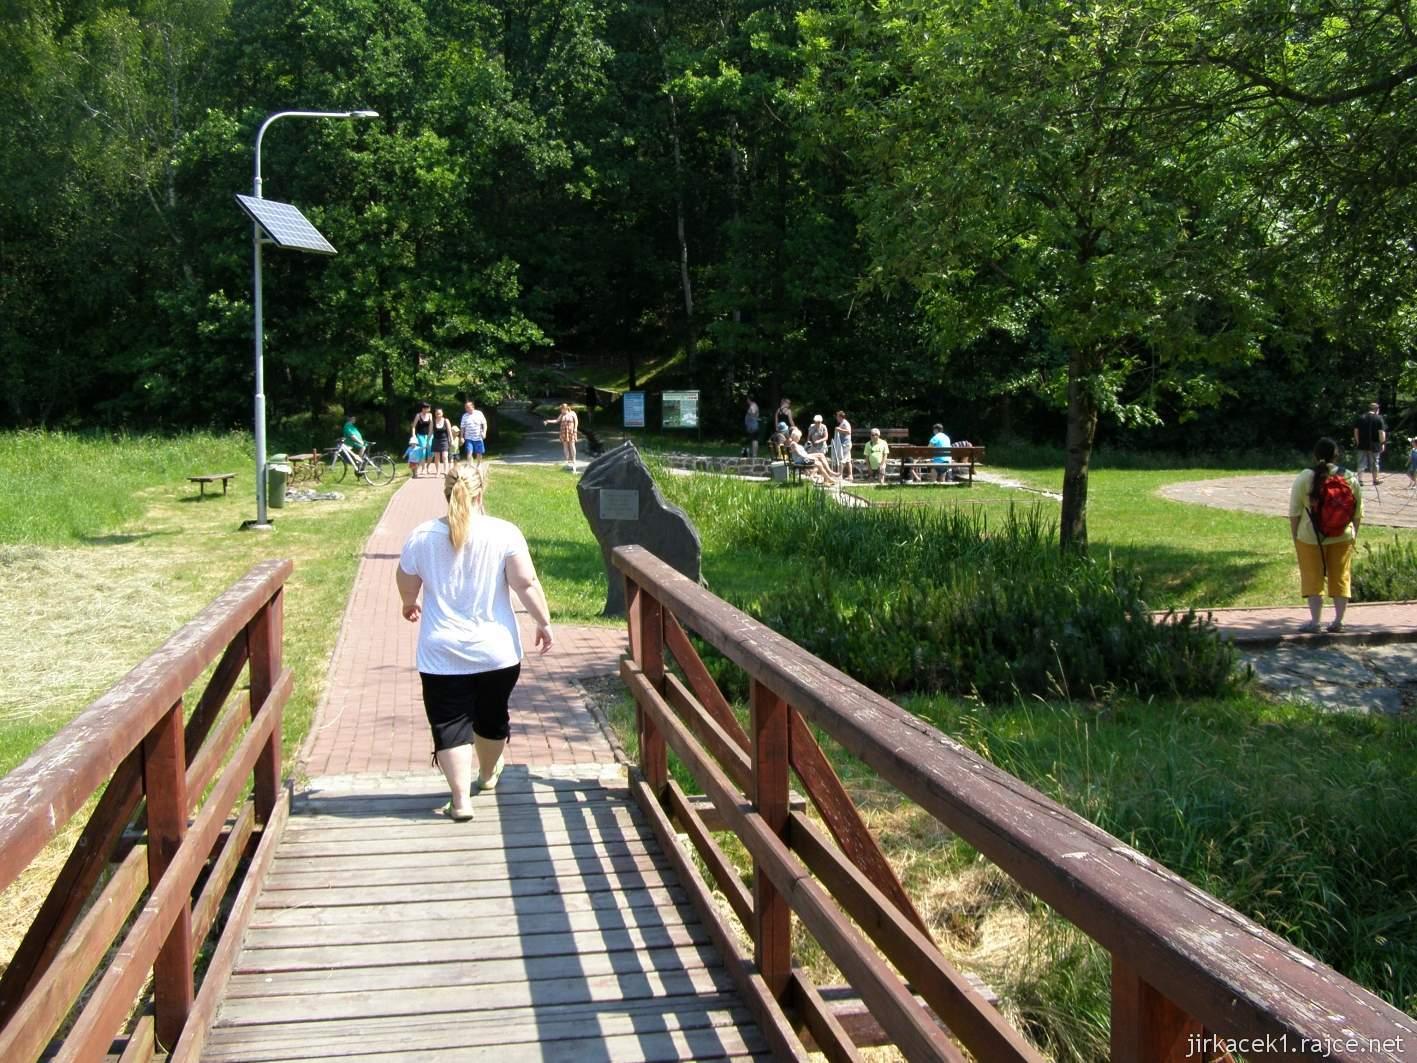 Bělá - Priessnitzovy přírodní lázně 01 - vstup do areálu a vpravo Křesťanský labyrint